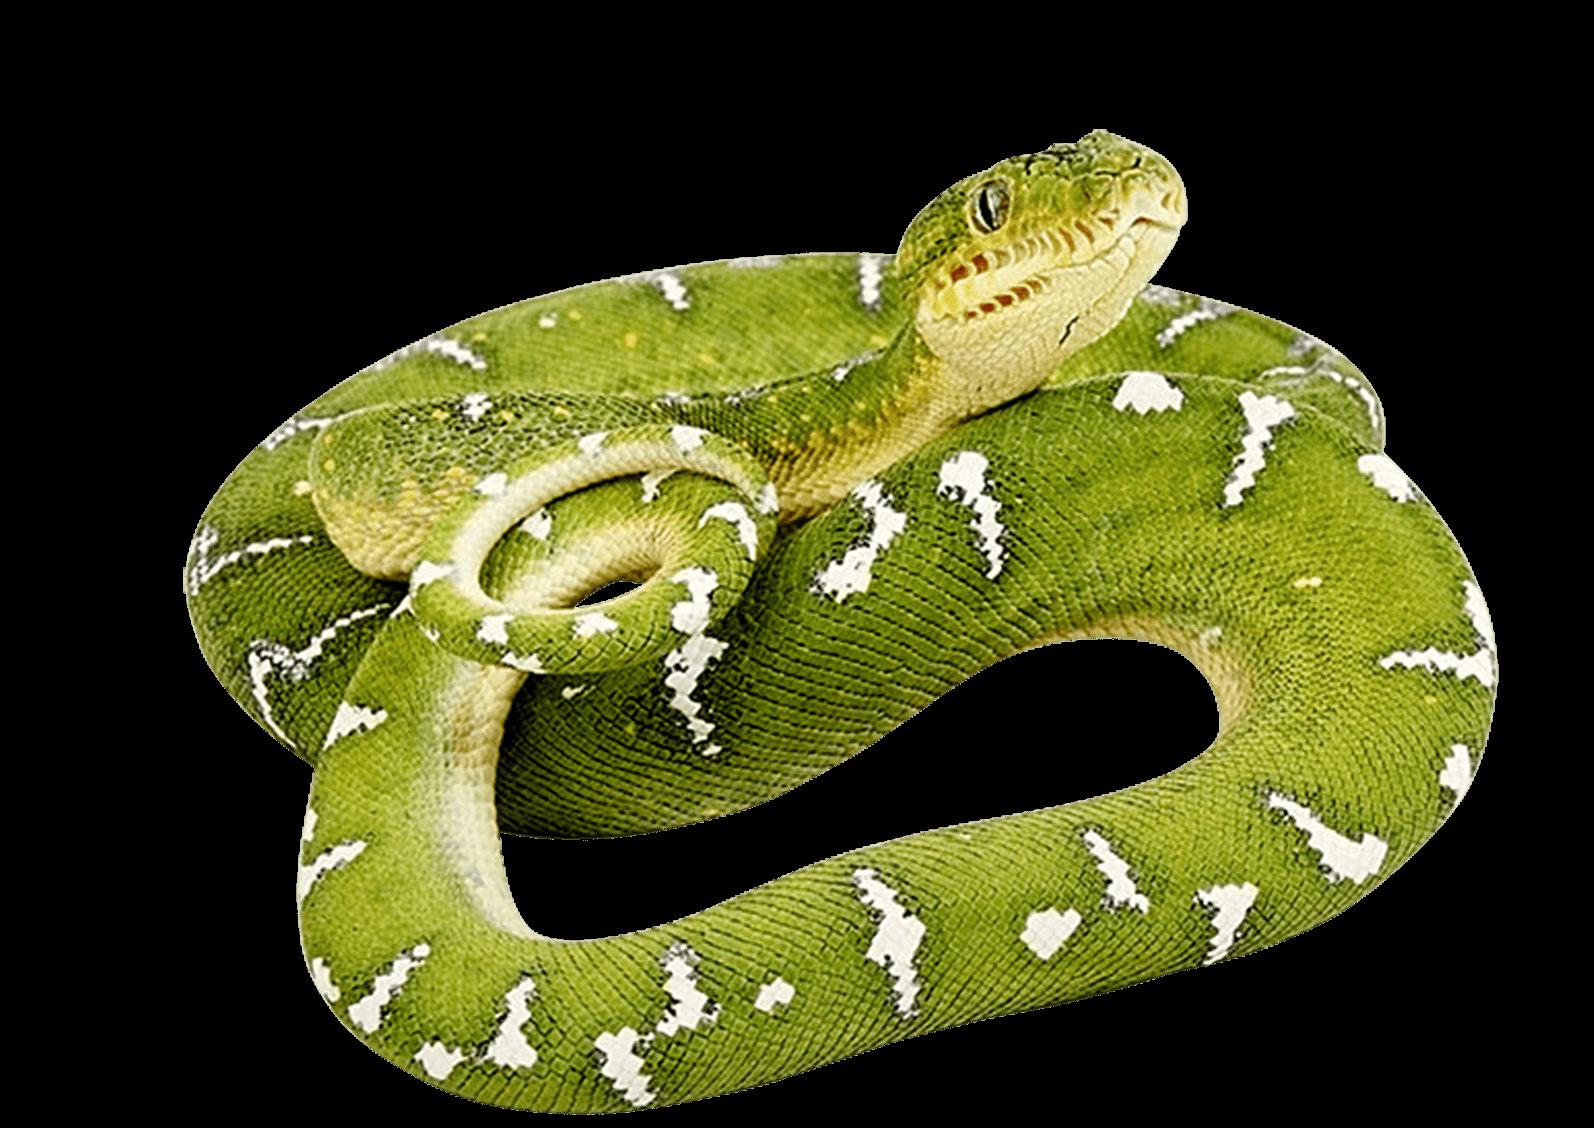 Snake clipart flying snake. Green png image zv